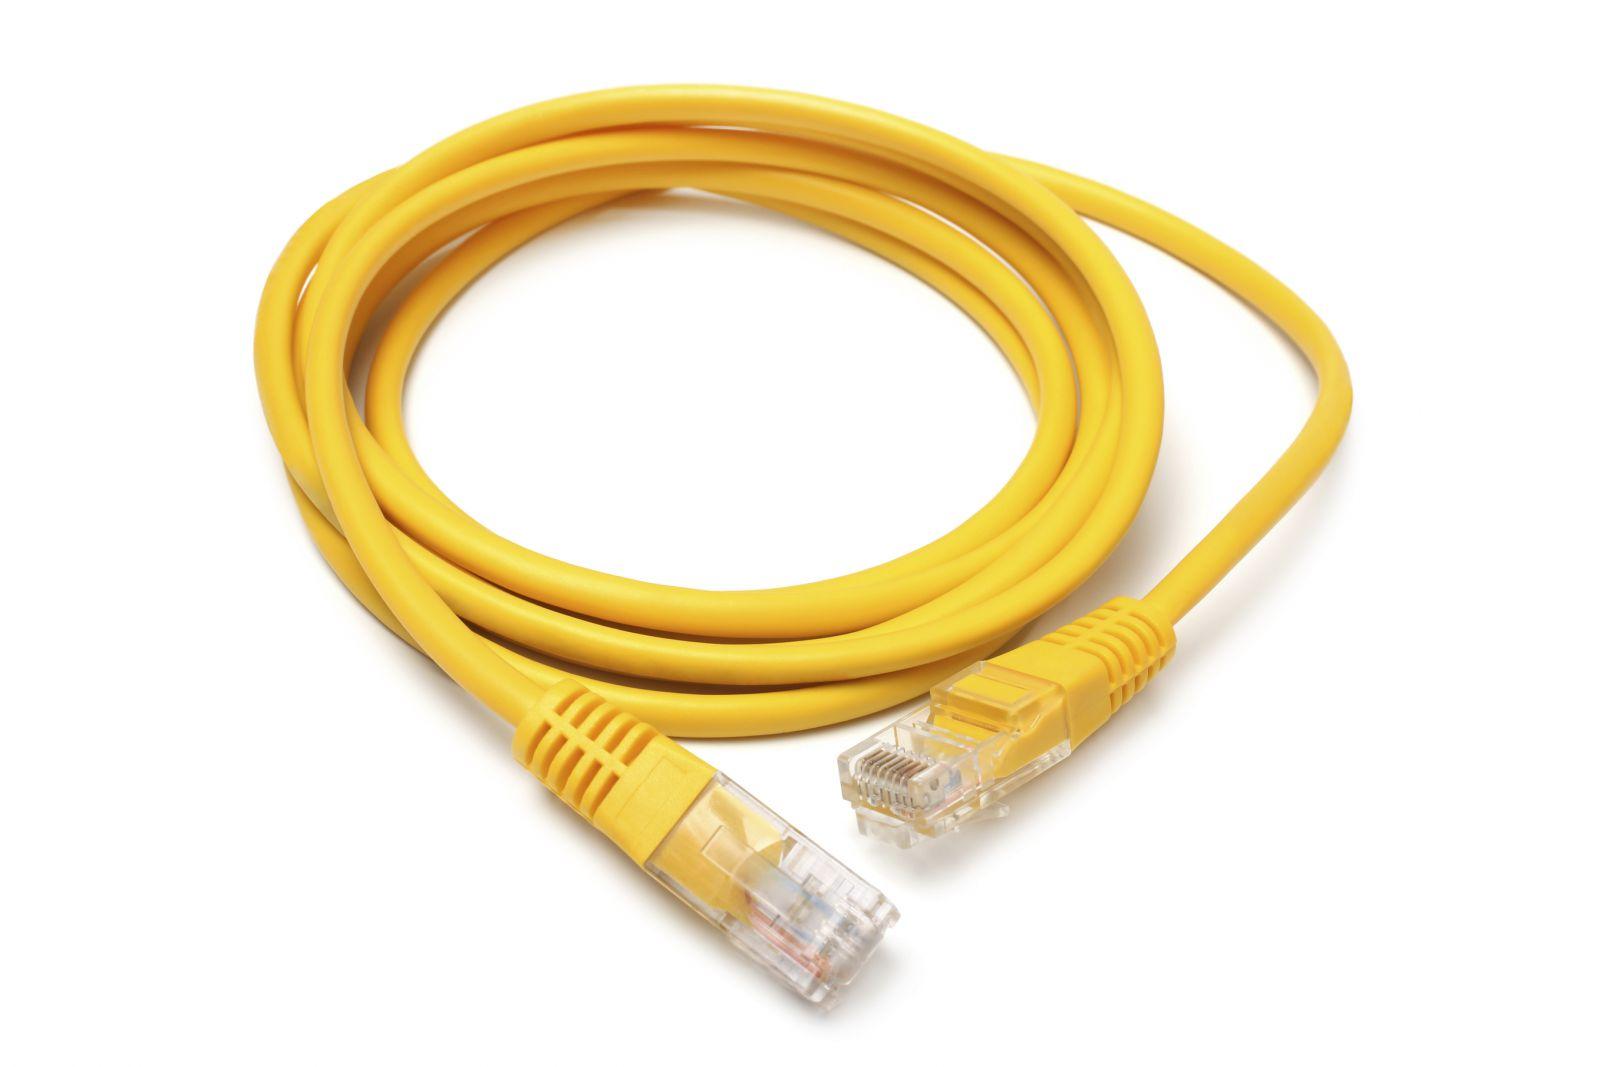 Netwerkkabel infrastructuur